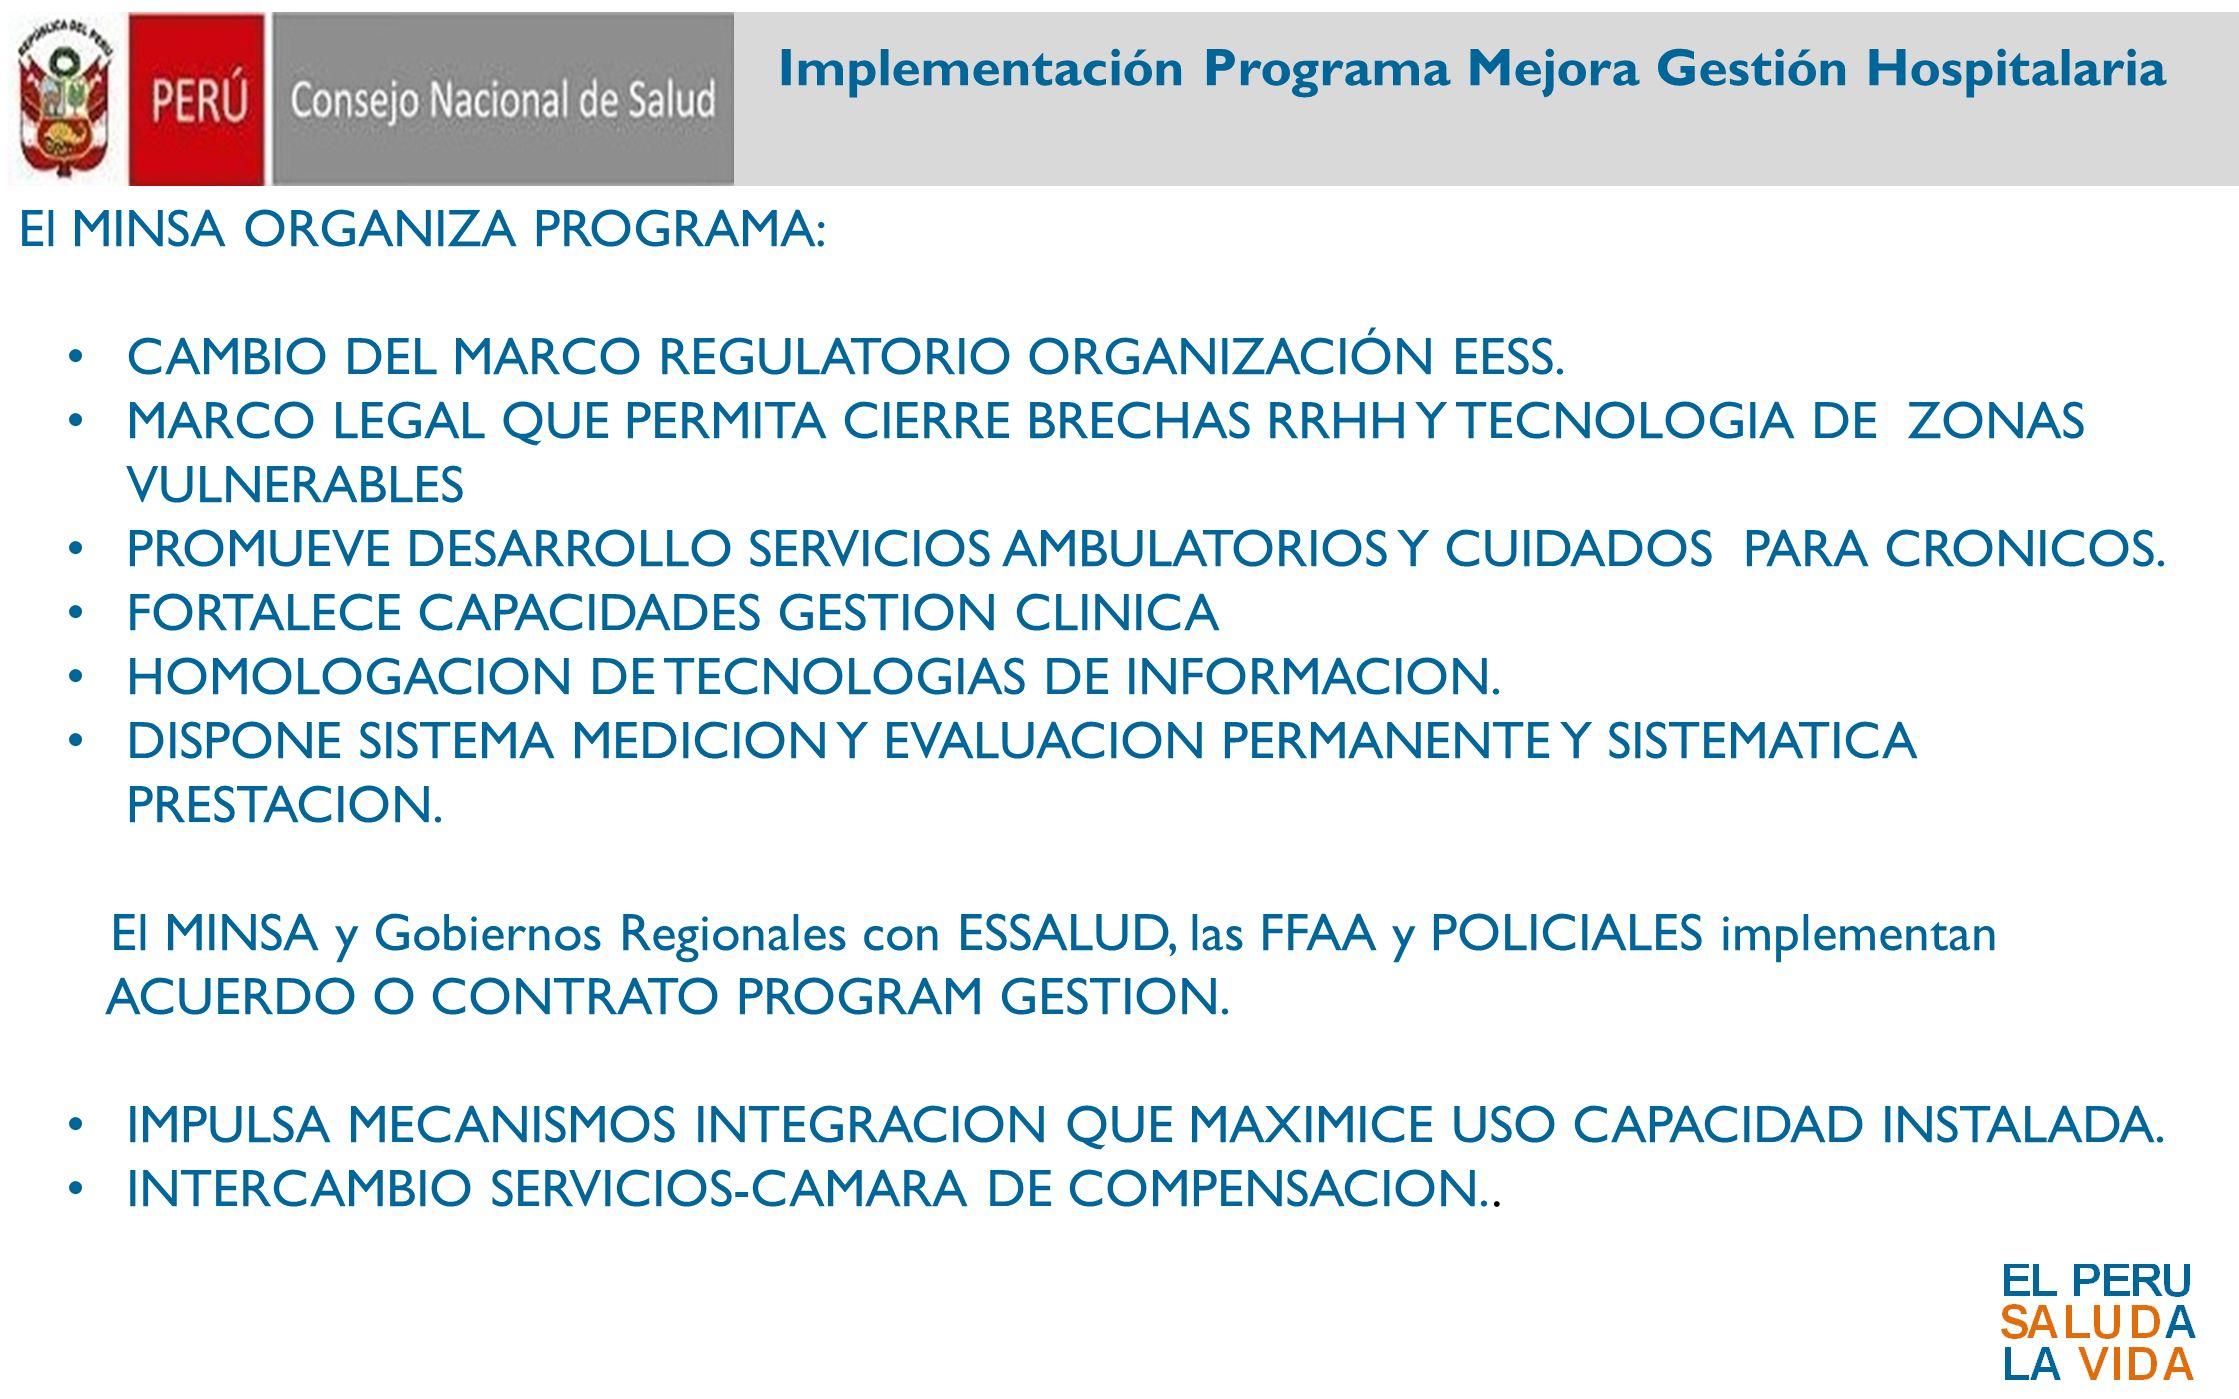 El MINSA ORGANIZA PROGRAMA: CAMBIO DEL MARCO REGULATORIO ORGANIZACIÓN EESS. MARCO LEGAL QUE PERMITA CIERRE BRECHAS RRHH Y TECNOLOGIA DE ZONAS VULNERAB